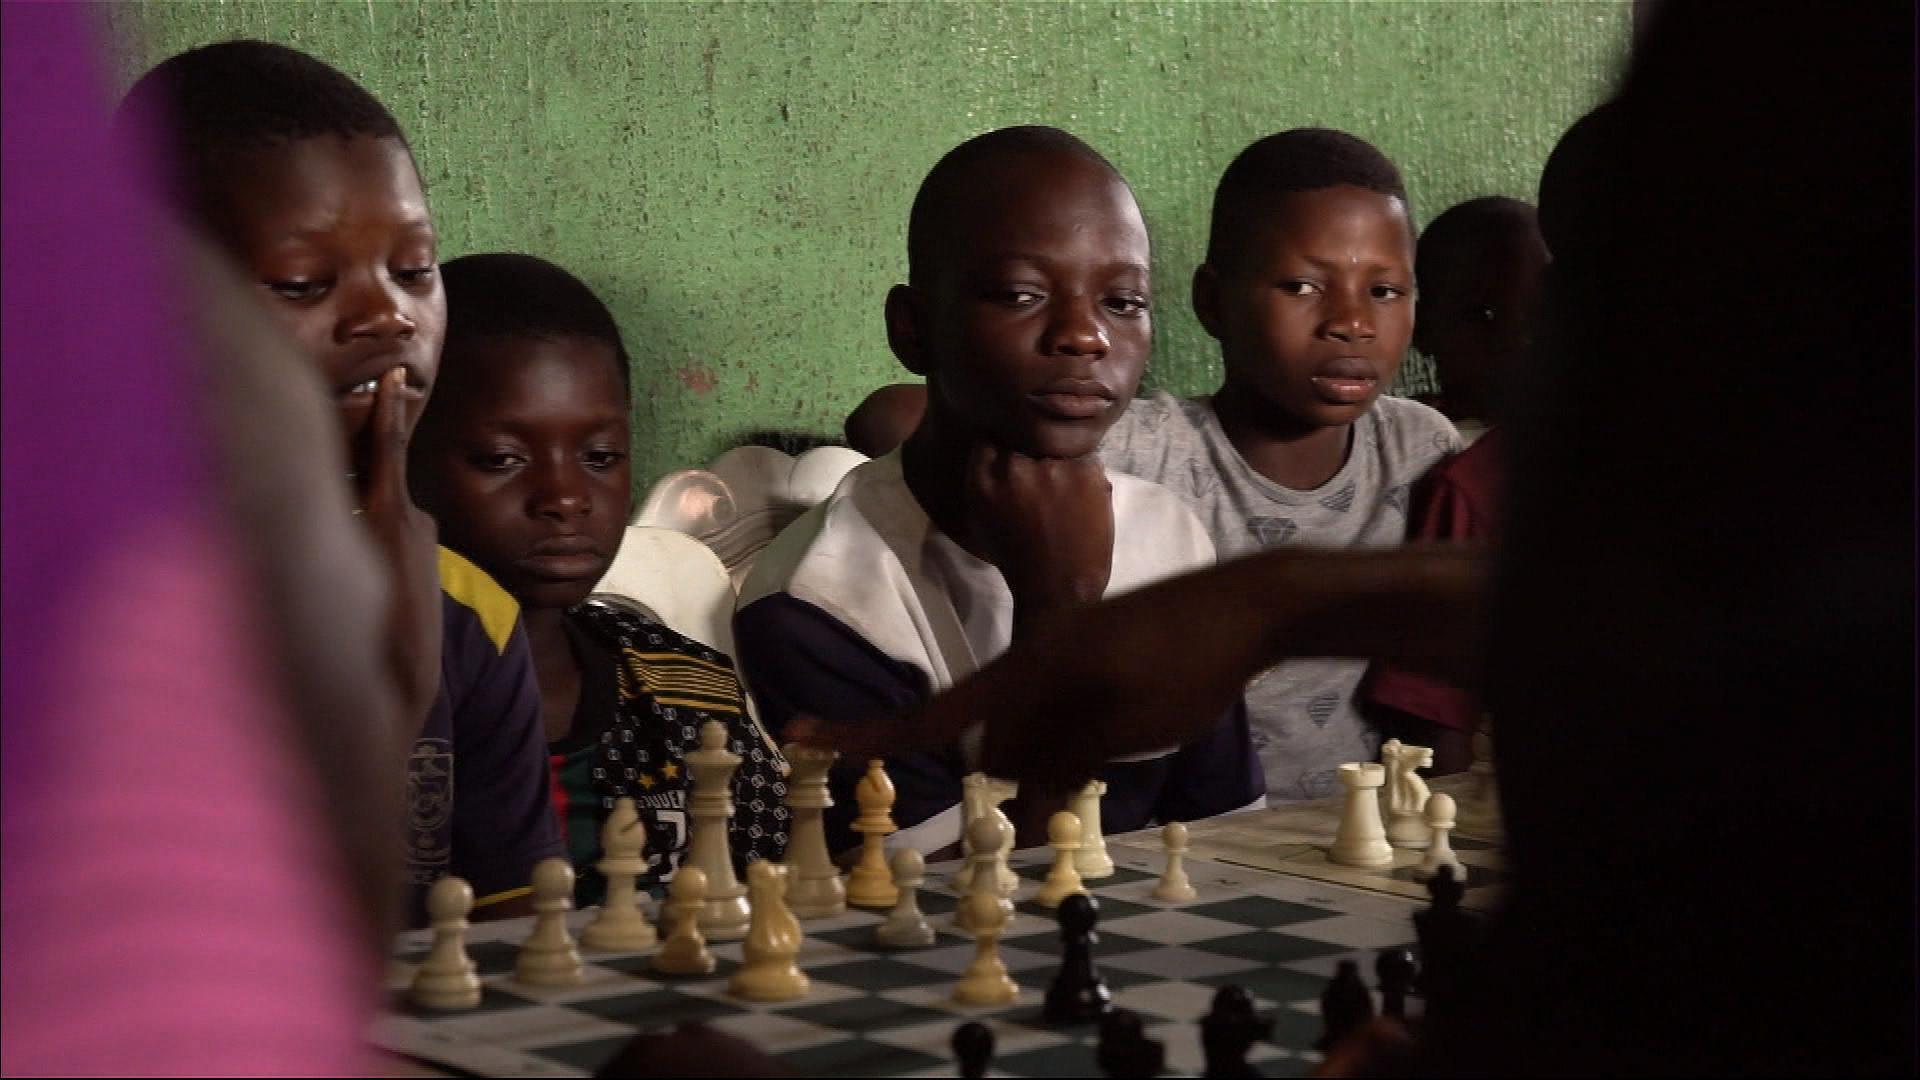 XX NW OOV ECRAN NIGERIA SLUMS CHESS